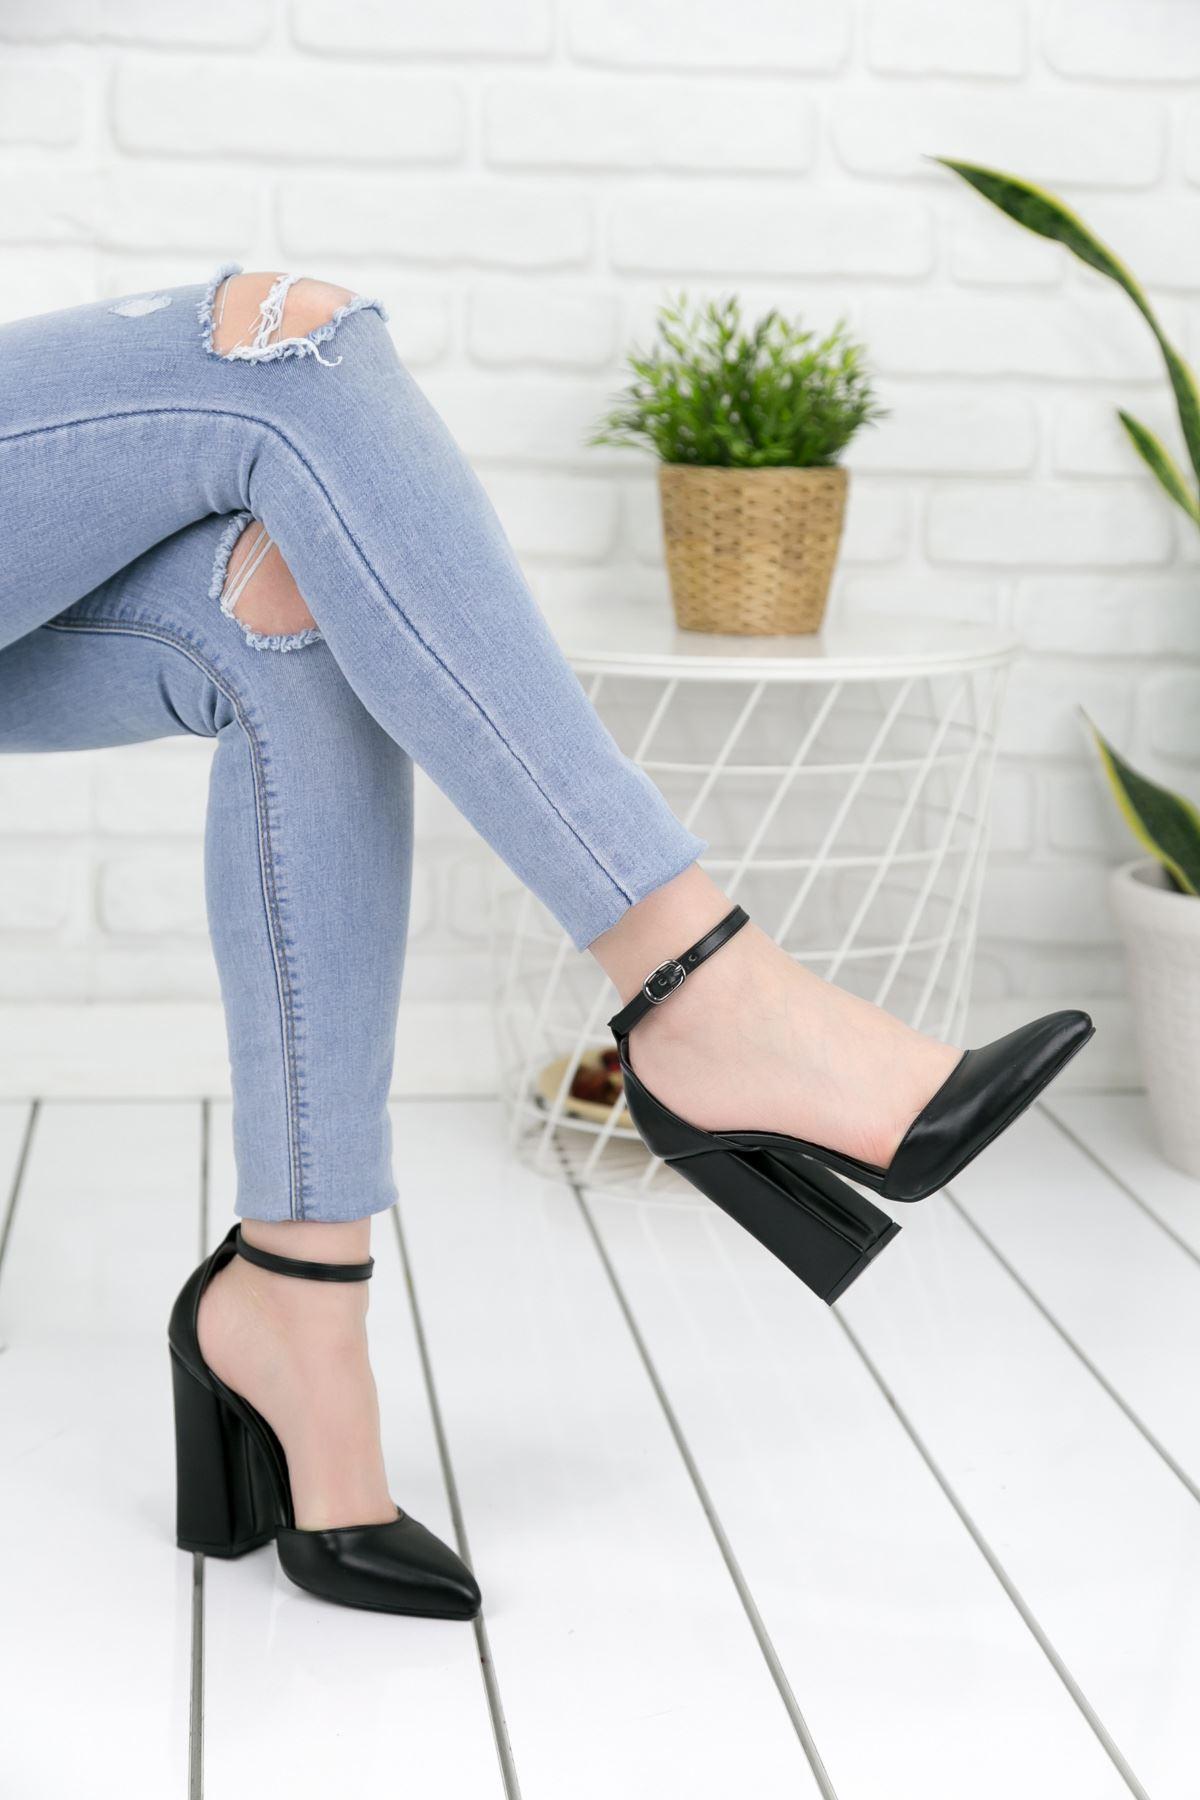 Koberz Siyah Topuklu Bayan Ayakkabı